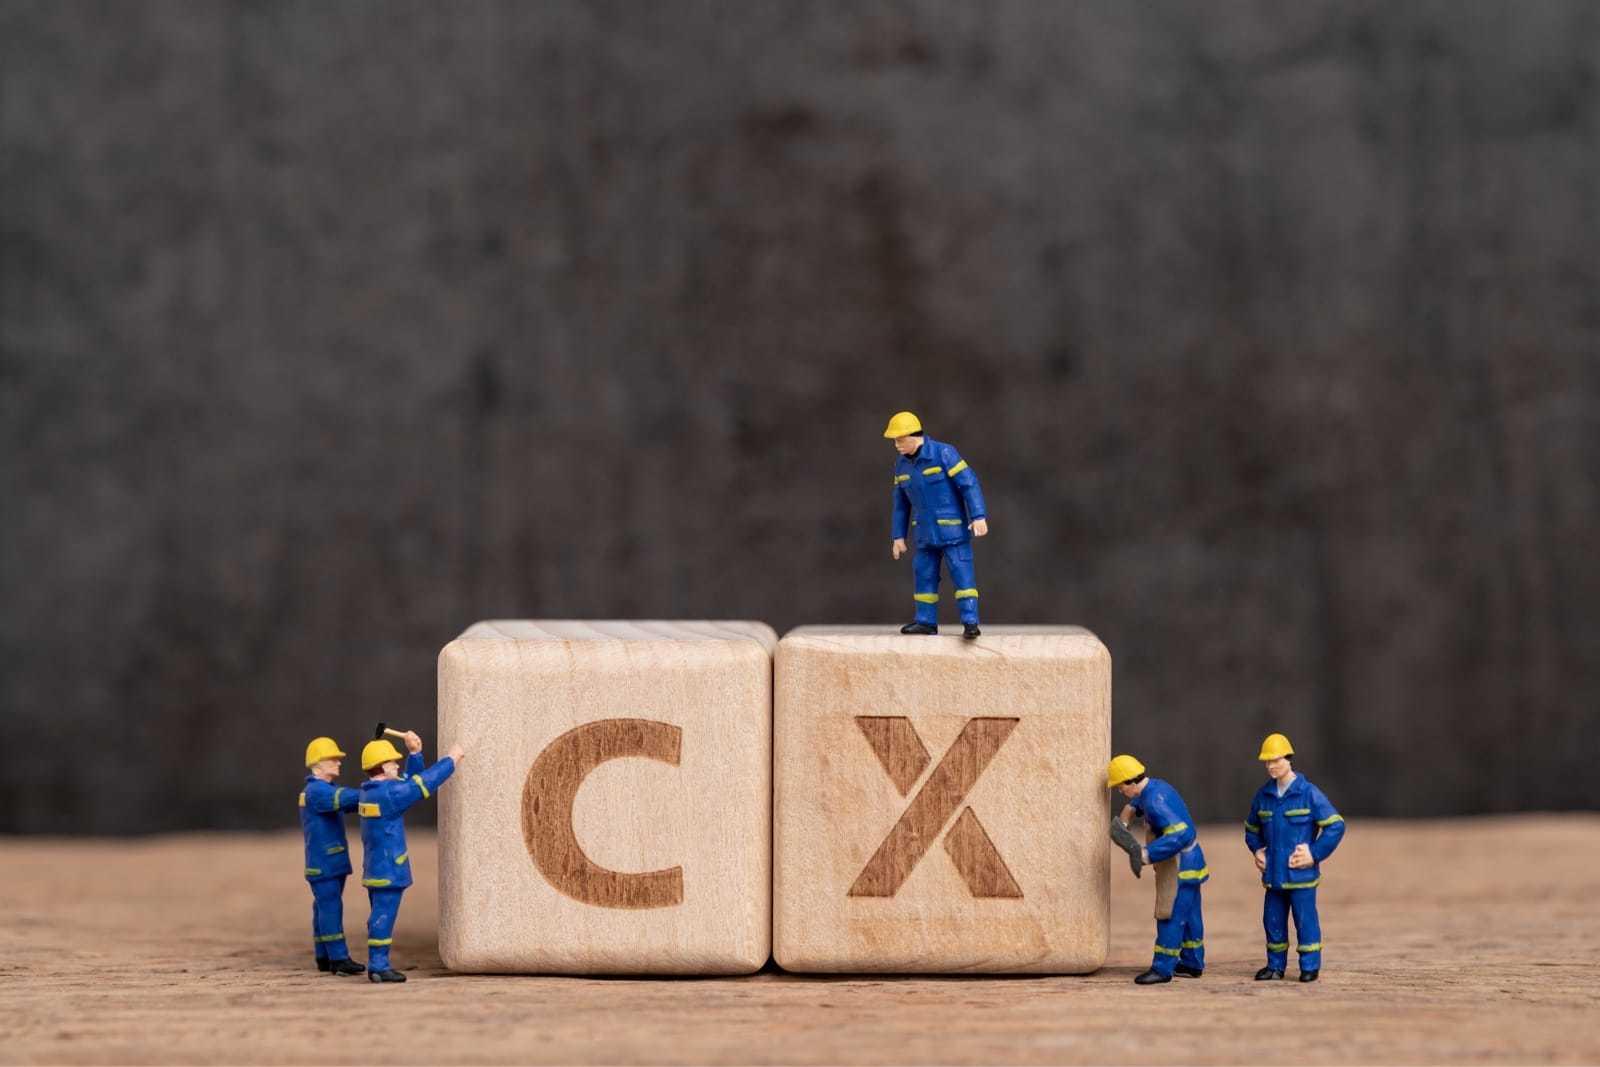 CXと書かれたブロックと人形